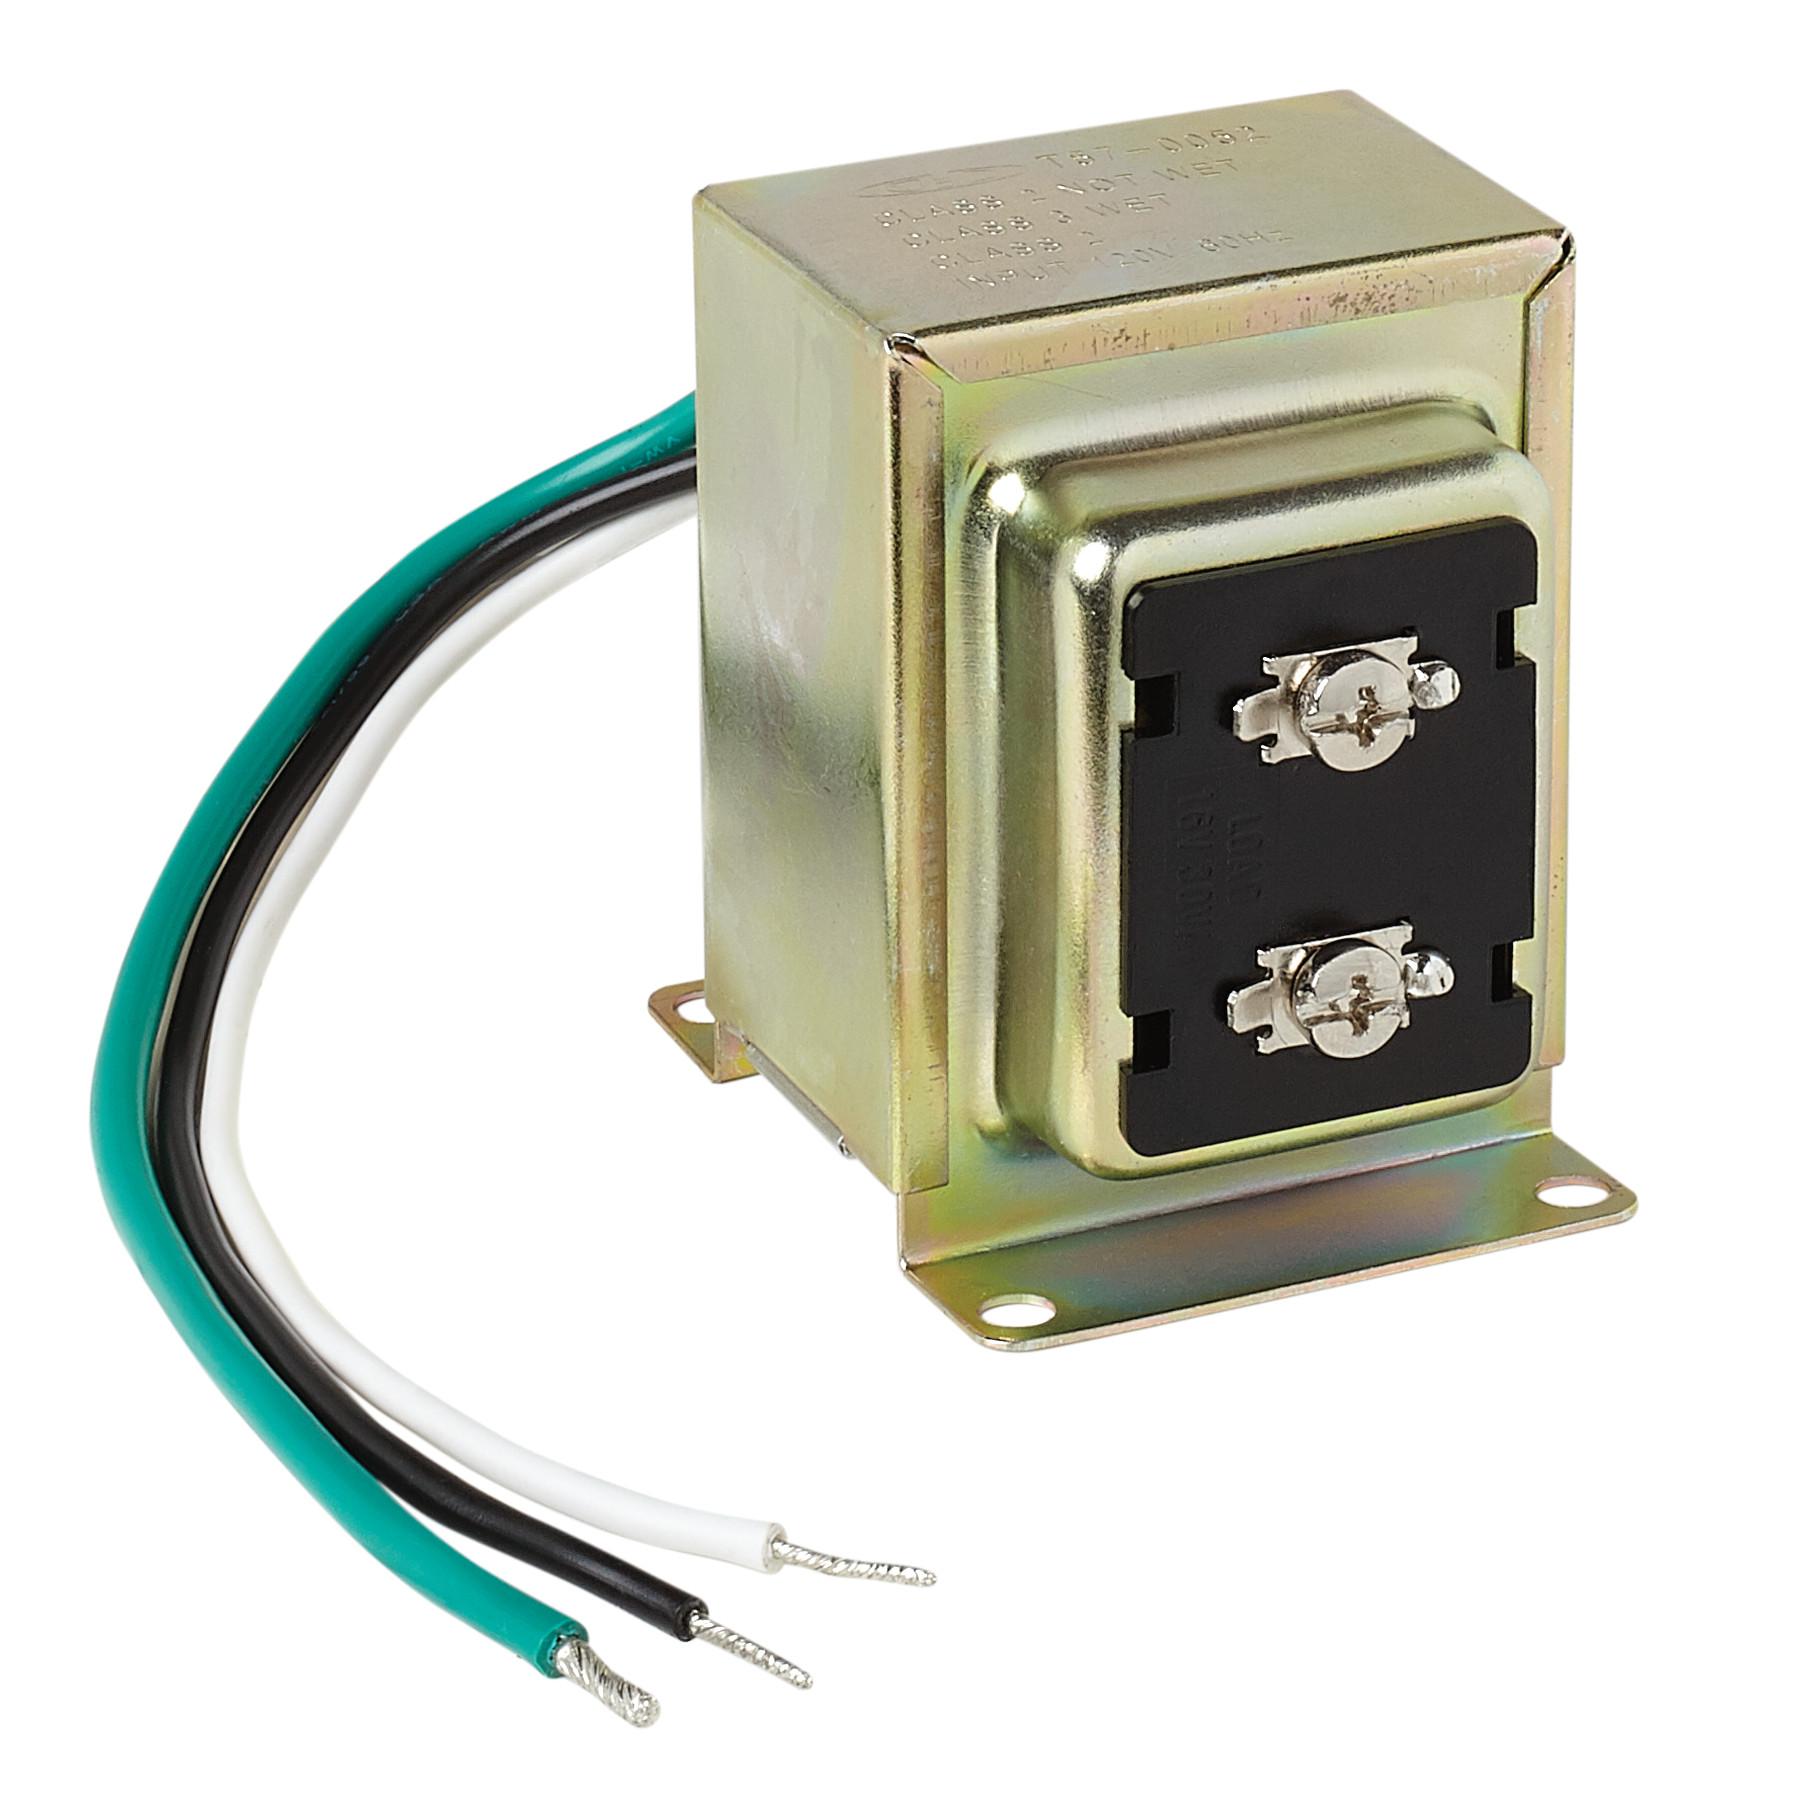 [DIAGRAM_1JK]  C907 NuTone® 16V, 30VA Doorbell Transformer | Broan Bell Wiring Diagram |  | Broan-NuTone